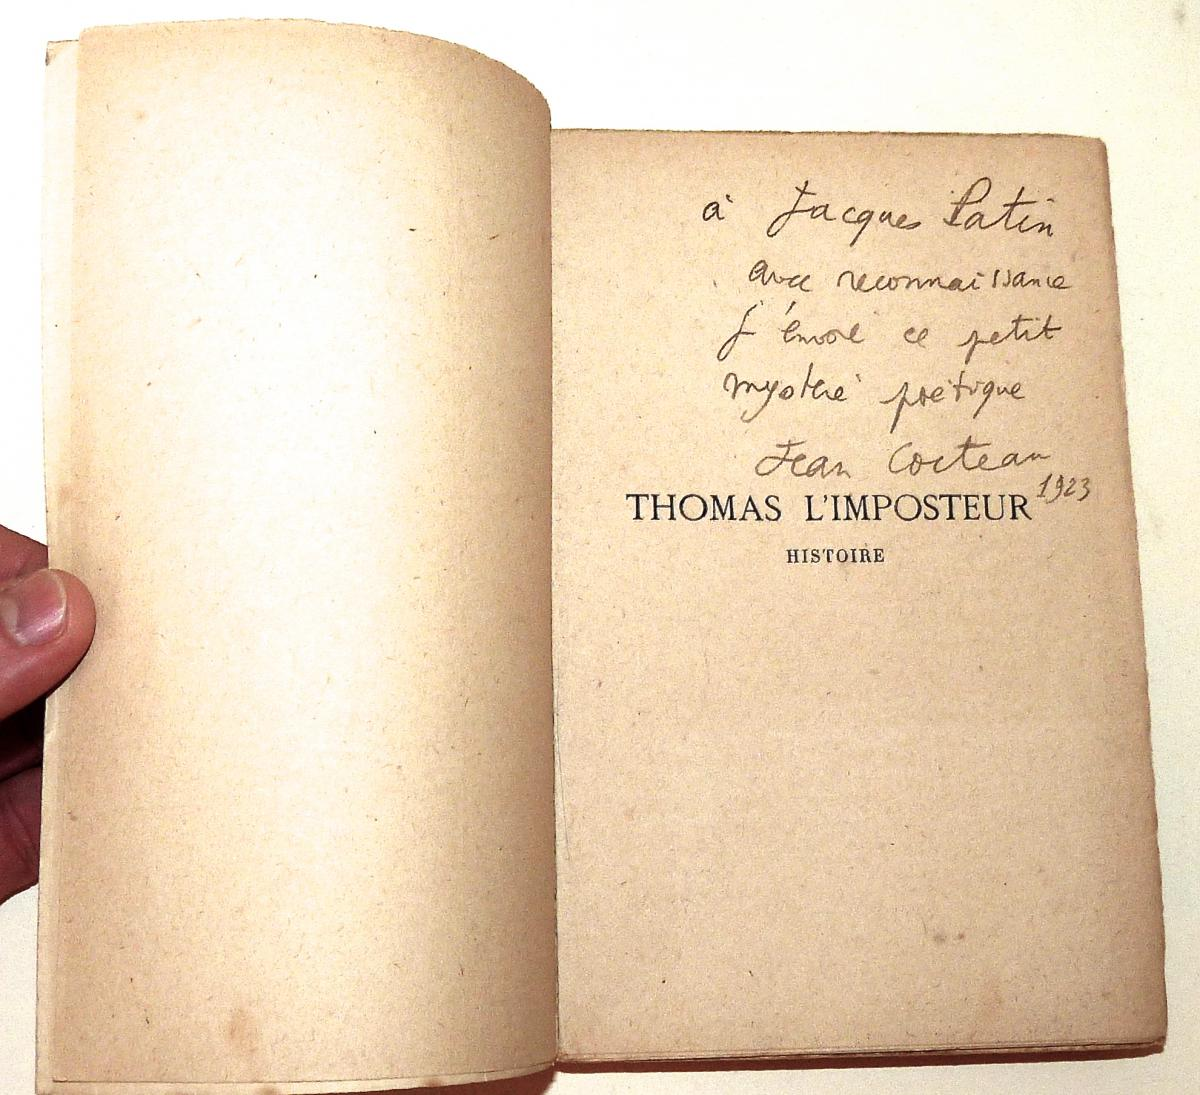 Jean Cocteau - Envoi Autographe à Jacques Patin -  Thomas l'Imposteur - Première édition 1923